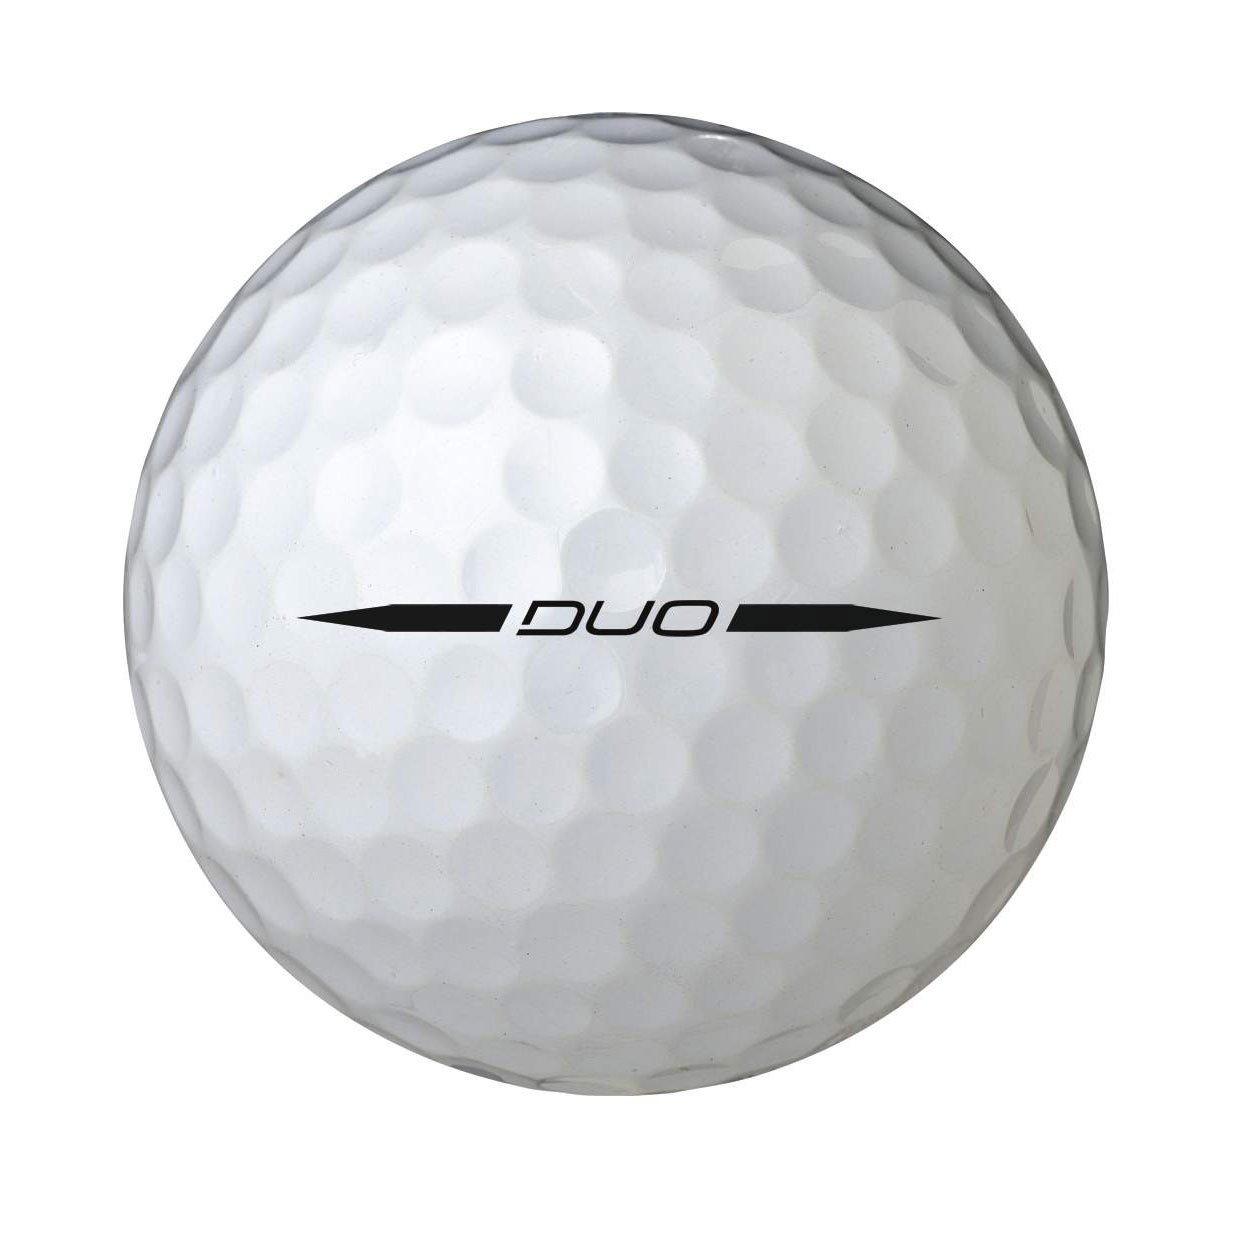 ウィルソンスタッフ デュオ 2個パック (ゴルフ) ボールx2パック B00FEIW470